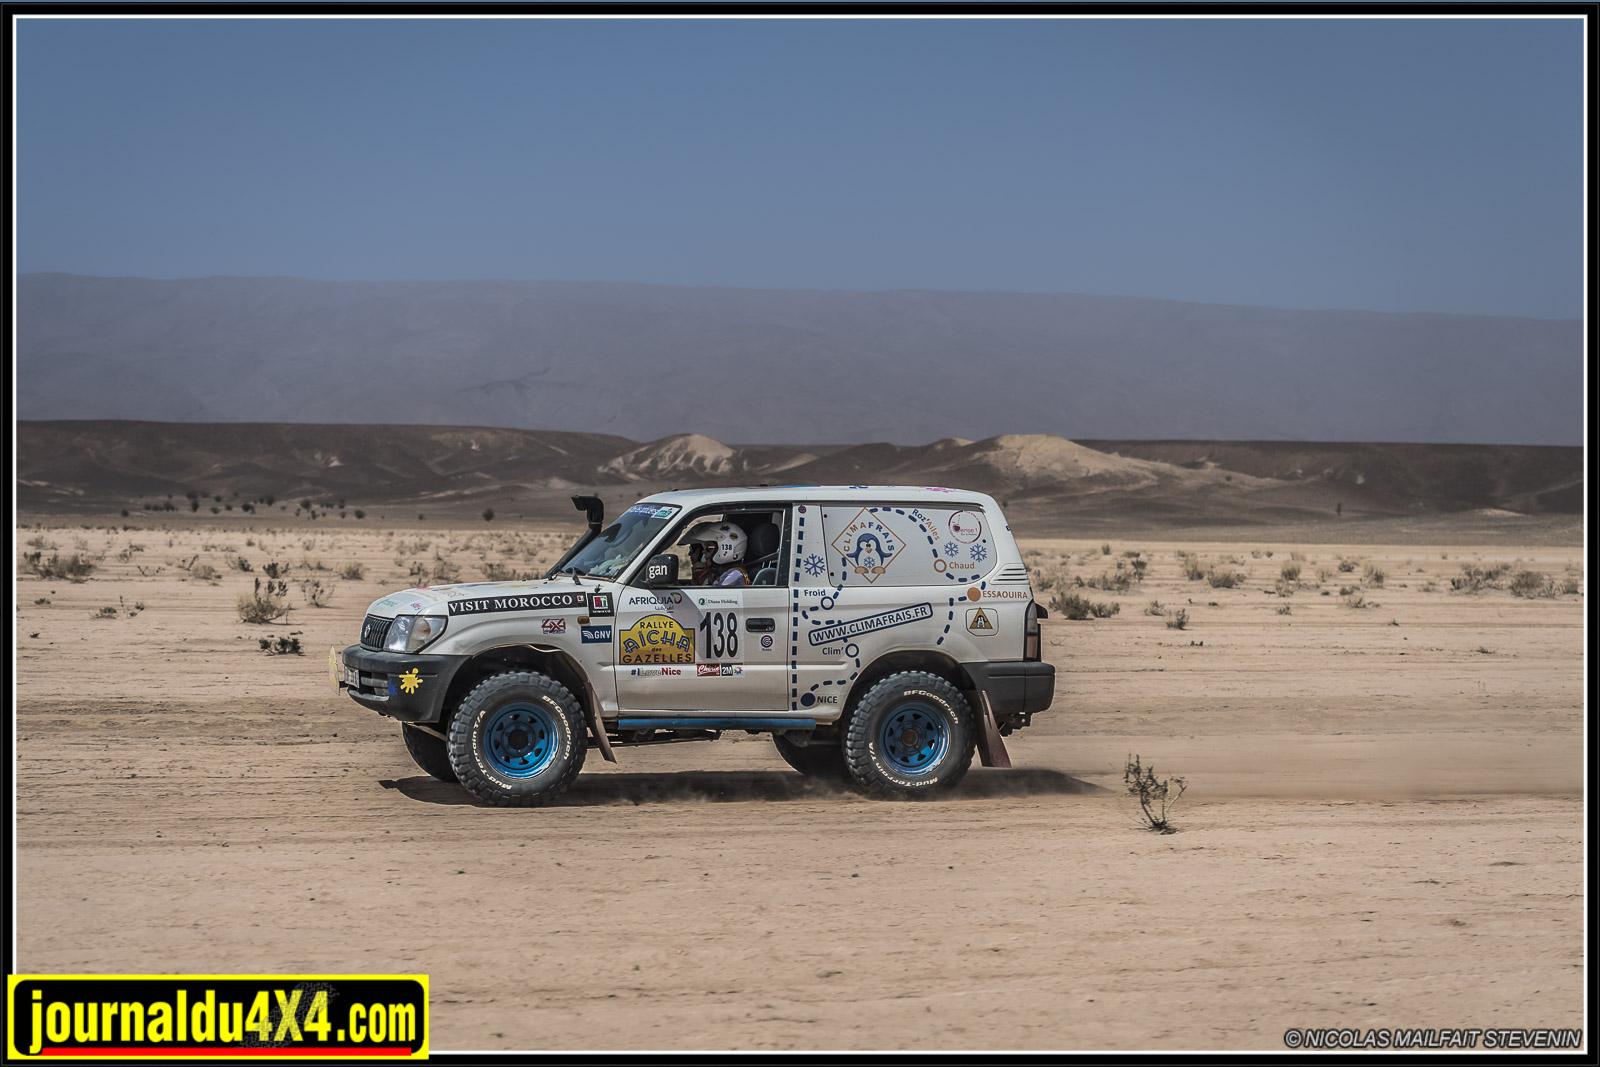 rallye-aicha-gazelles-maroc-2017-7832.jpg